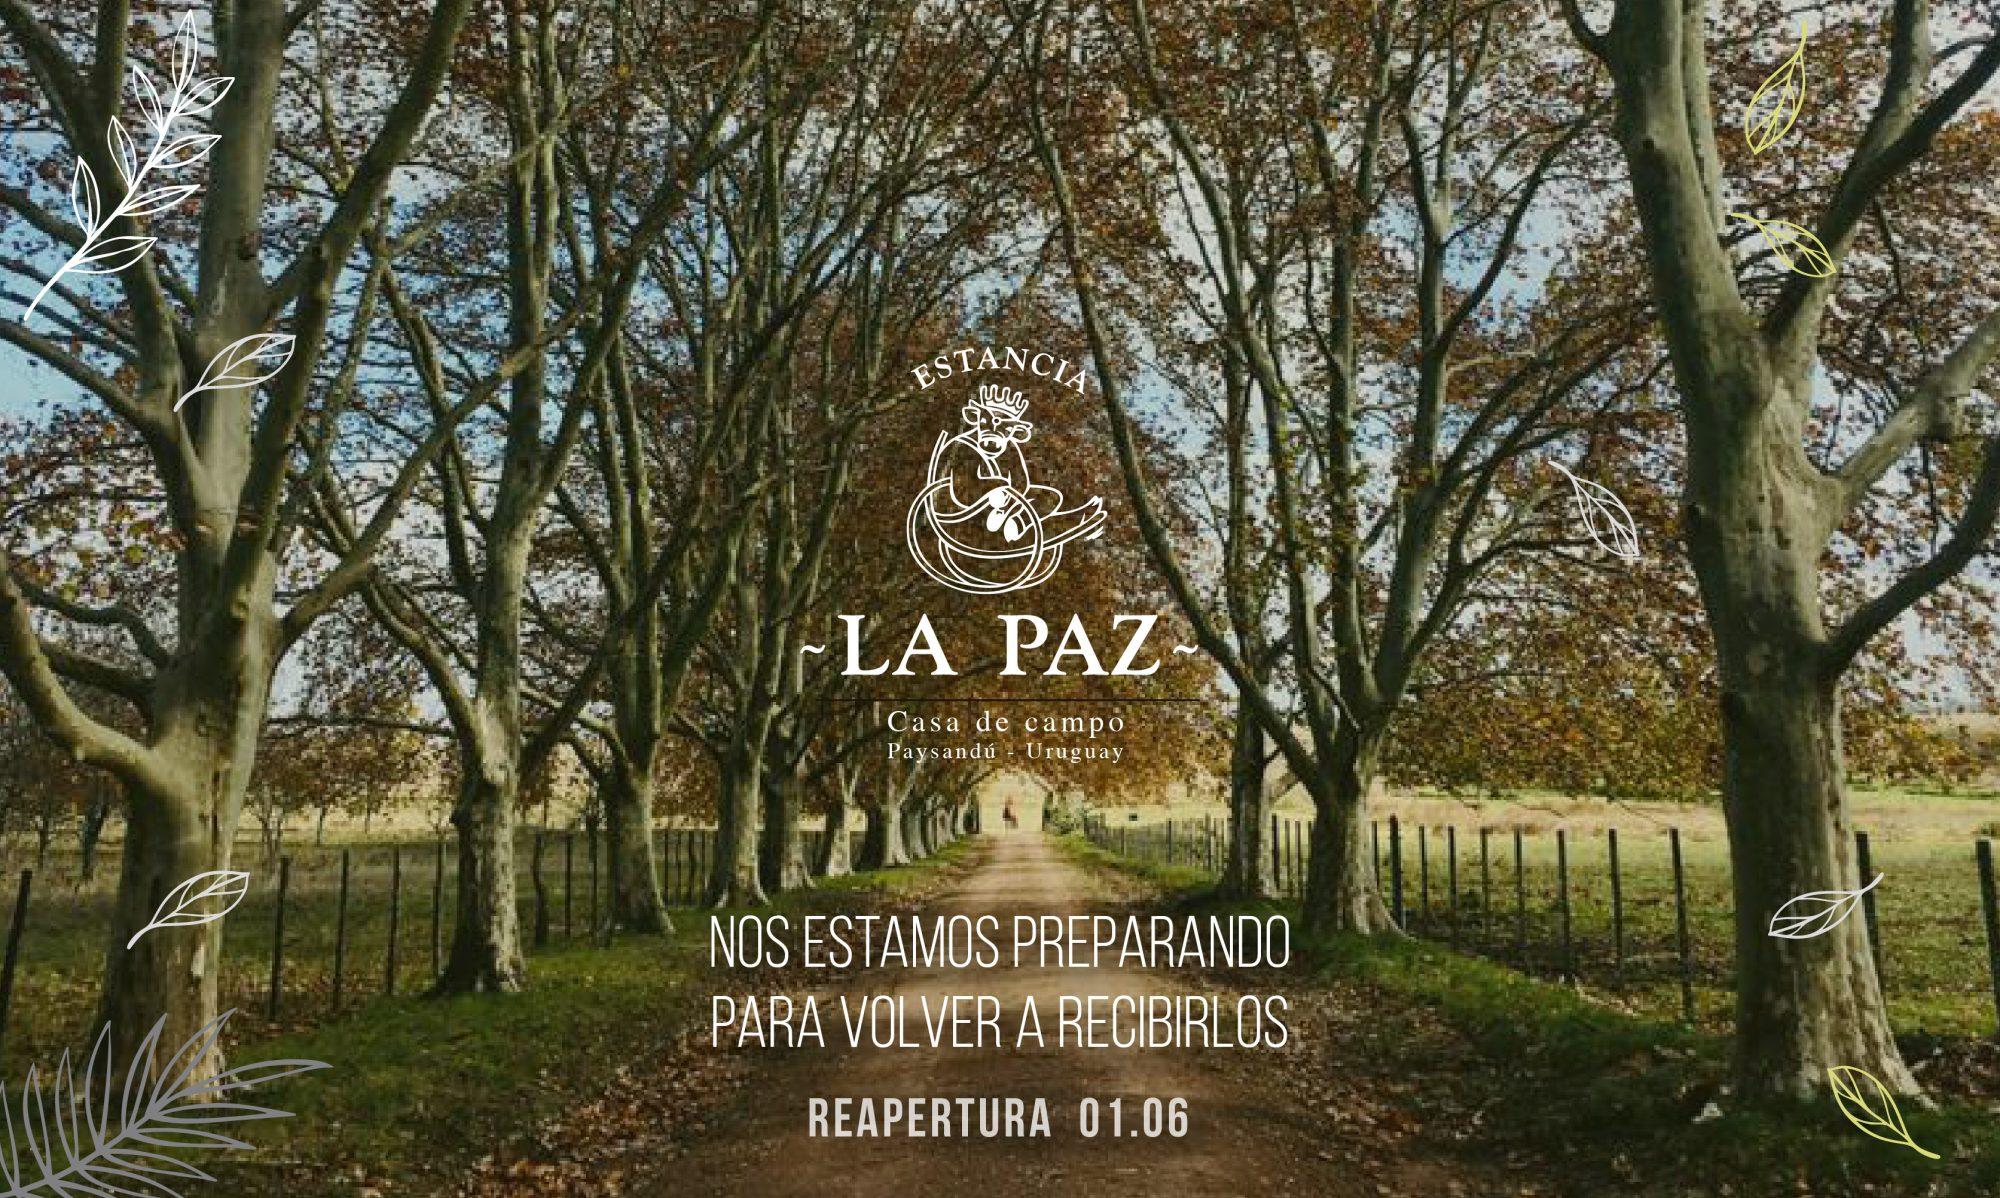 Estancia La Paz